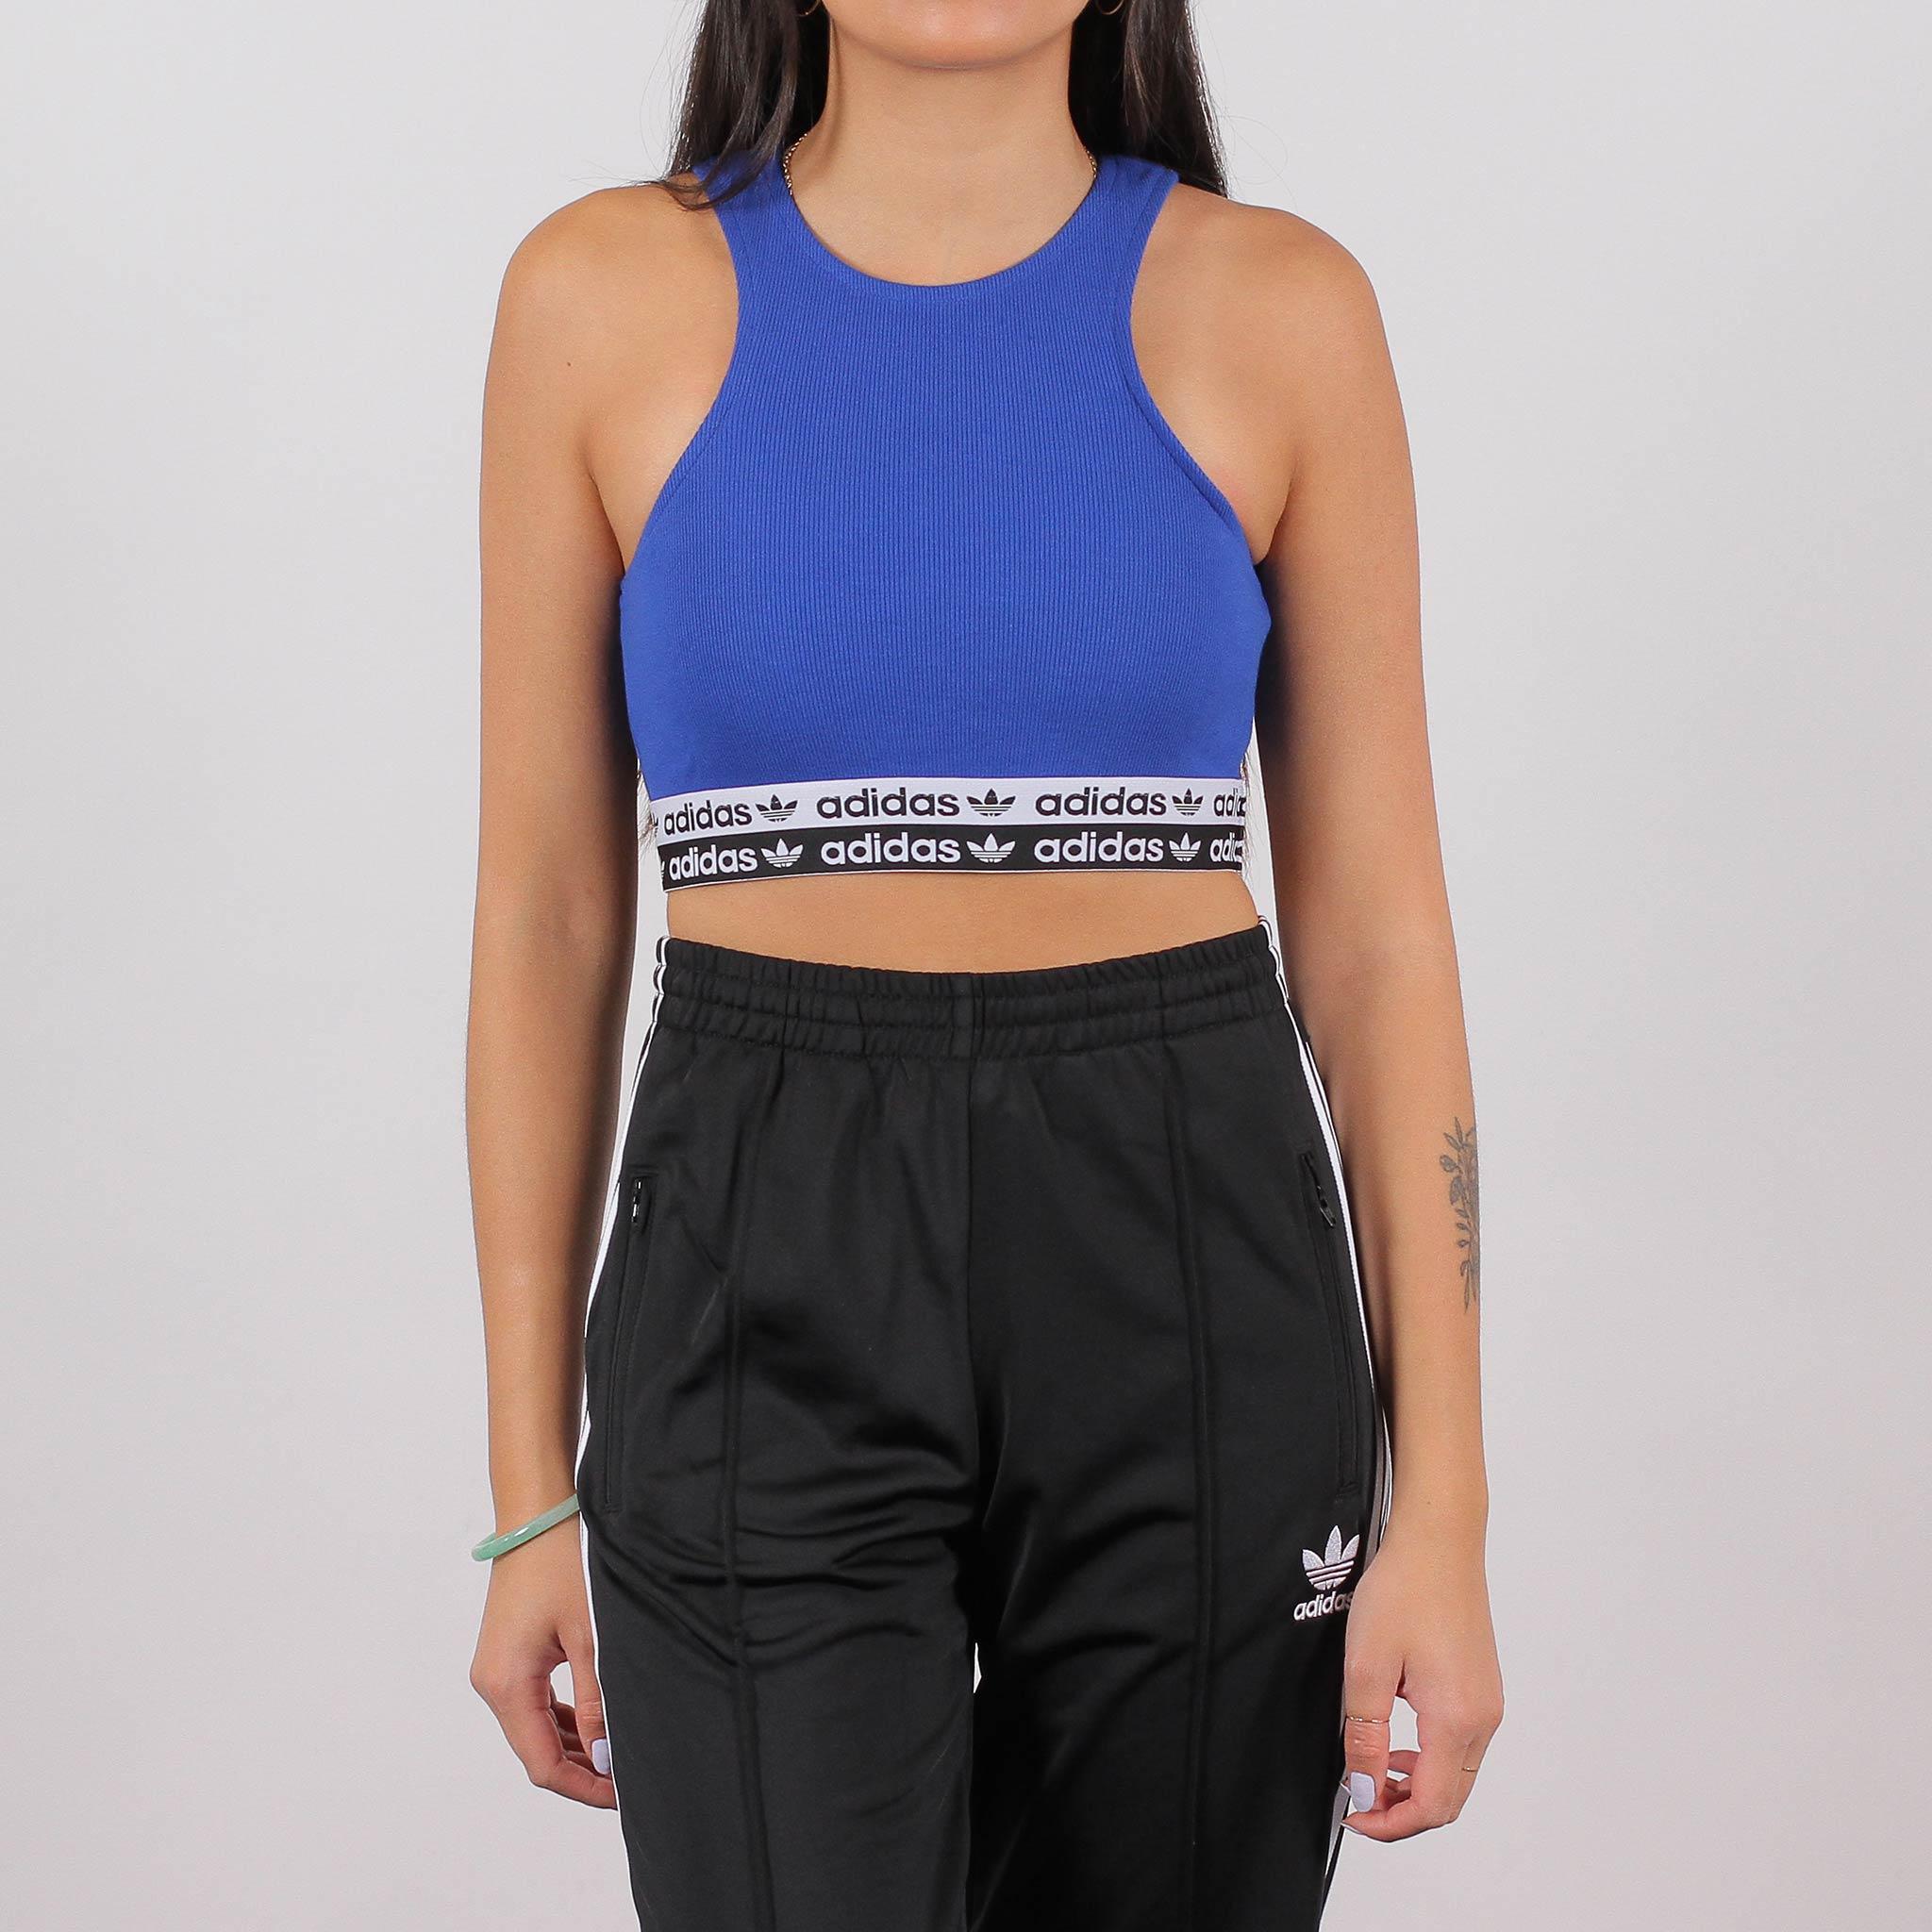 Adidas Originals Womens Cropped Top Blue (ED7427)